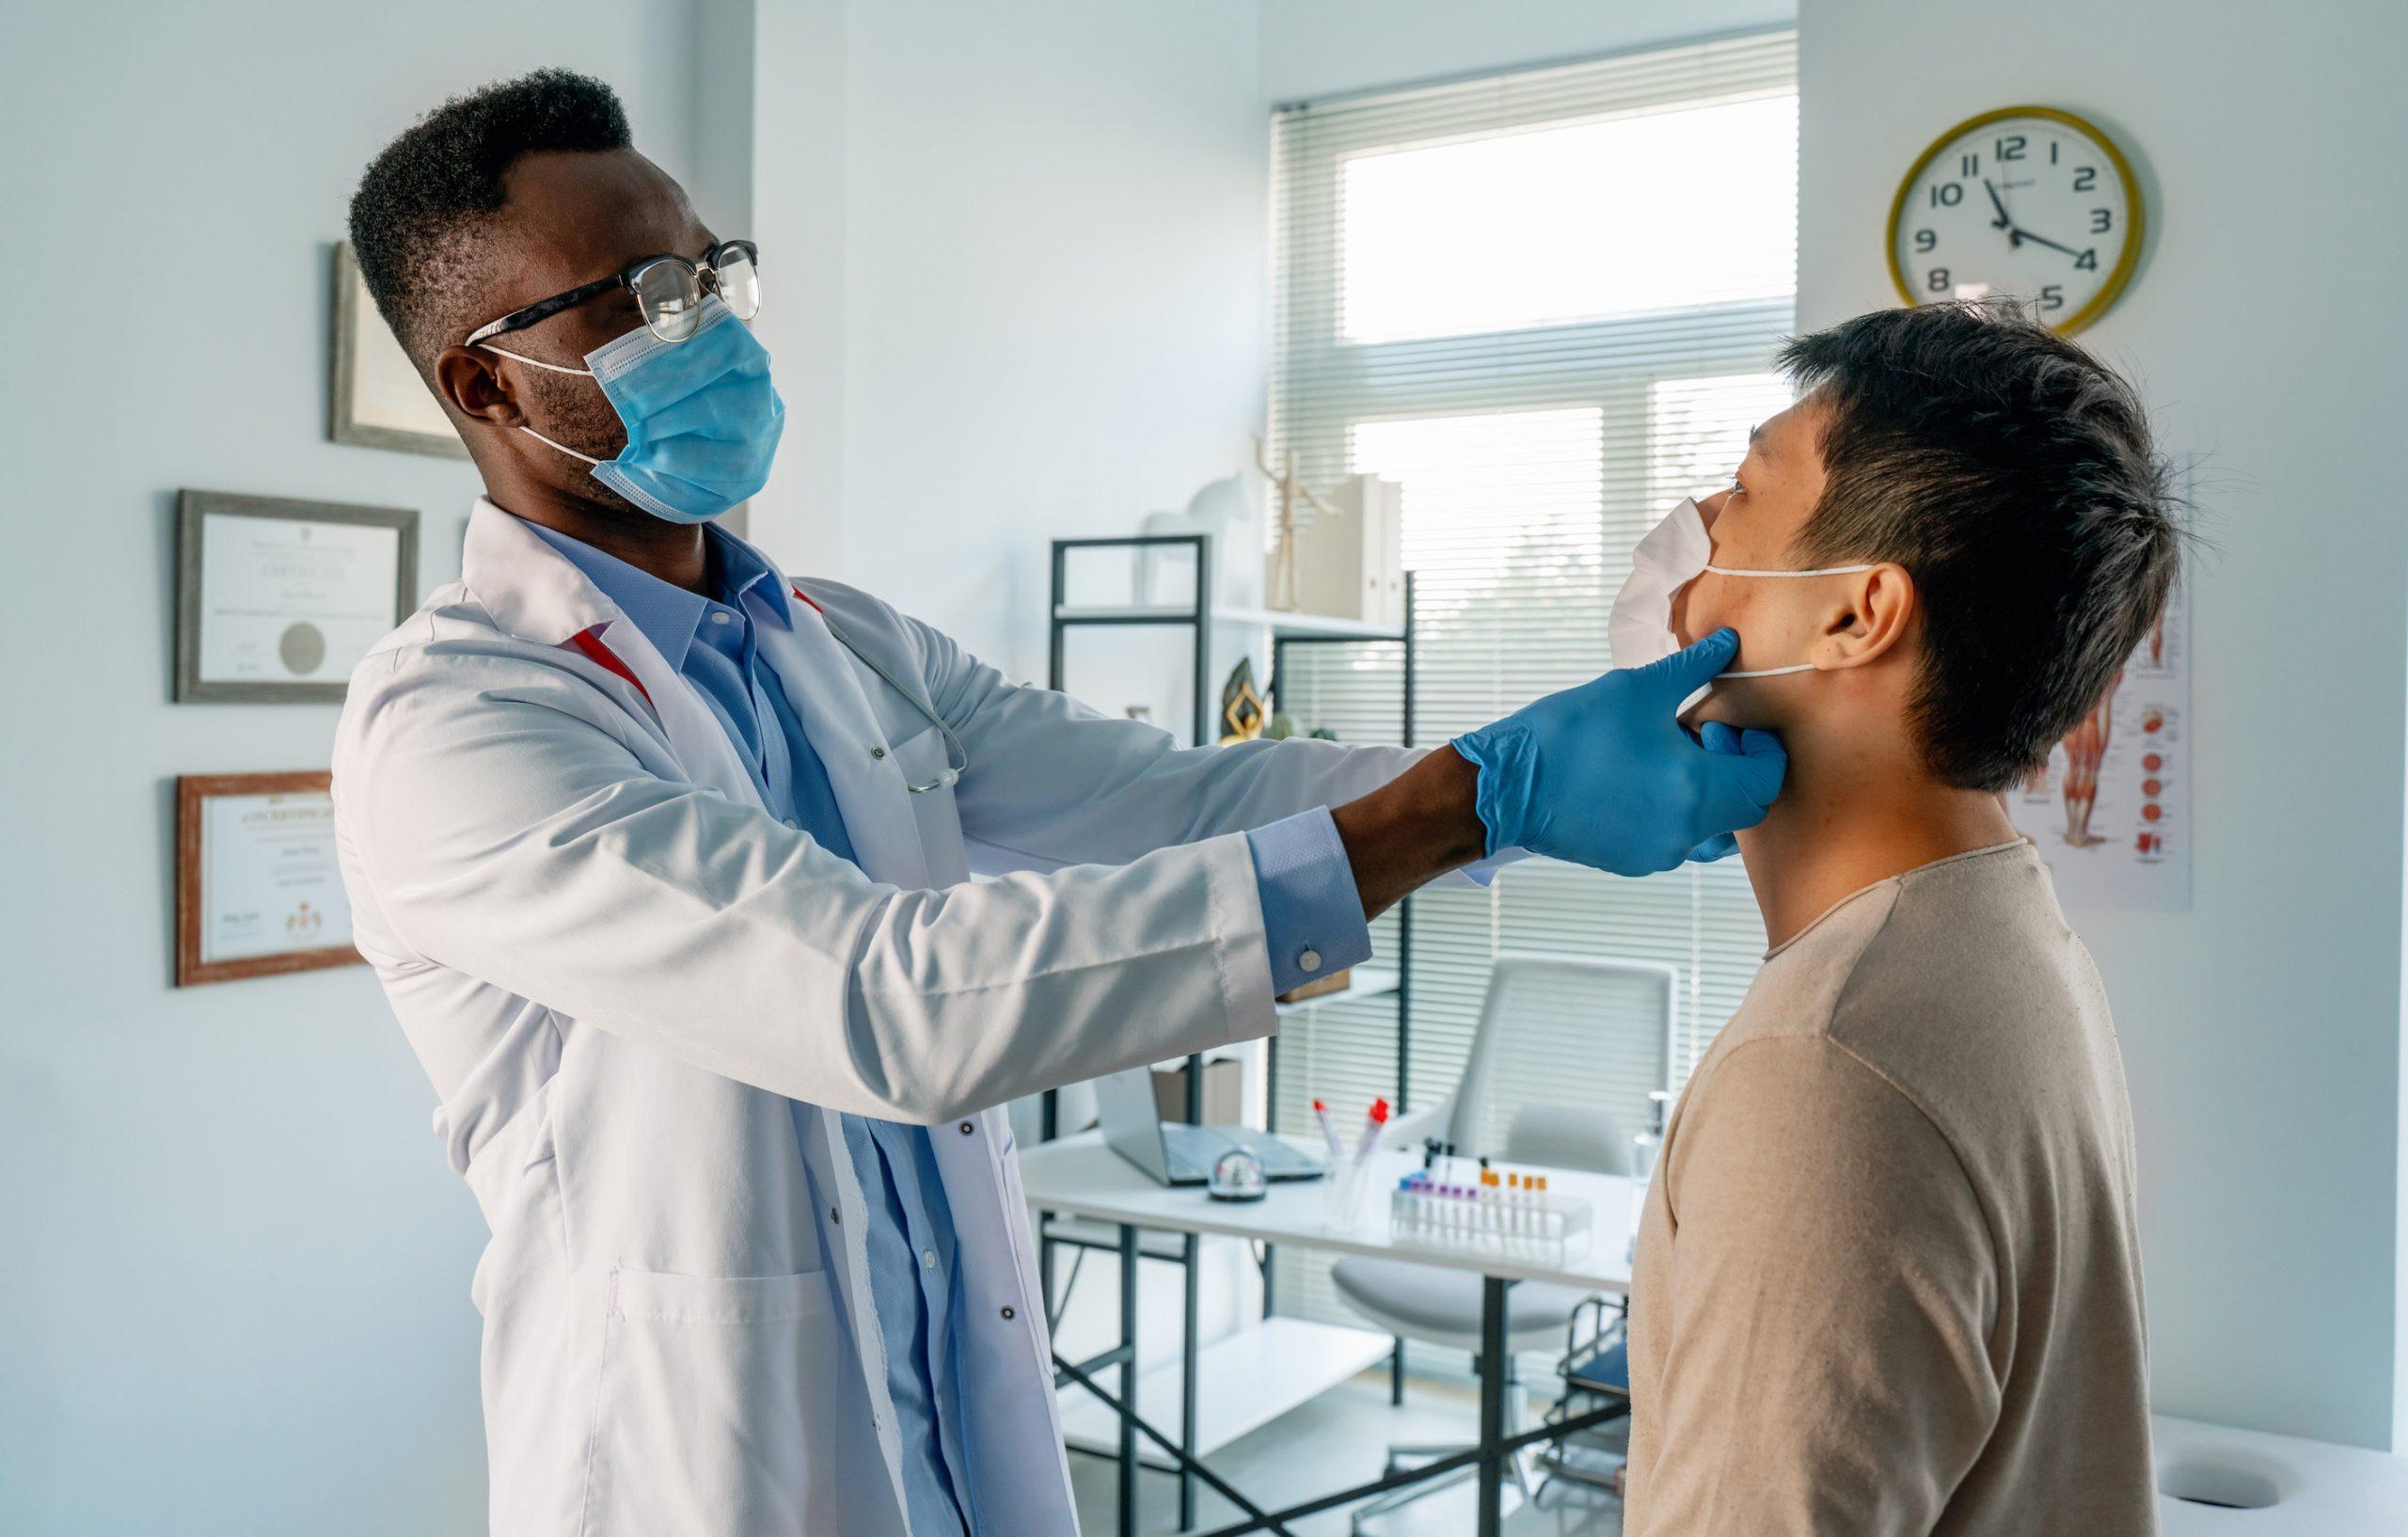 Cuide examinar a su paciente mientras que siendo COVID-19 consciente